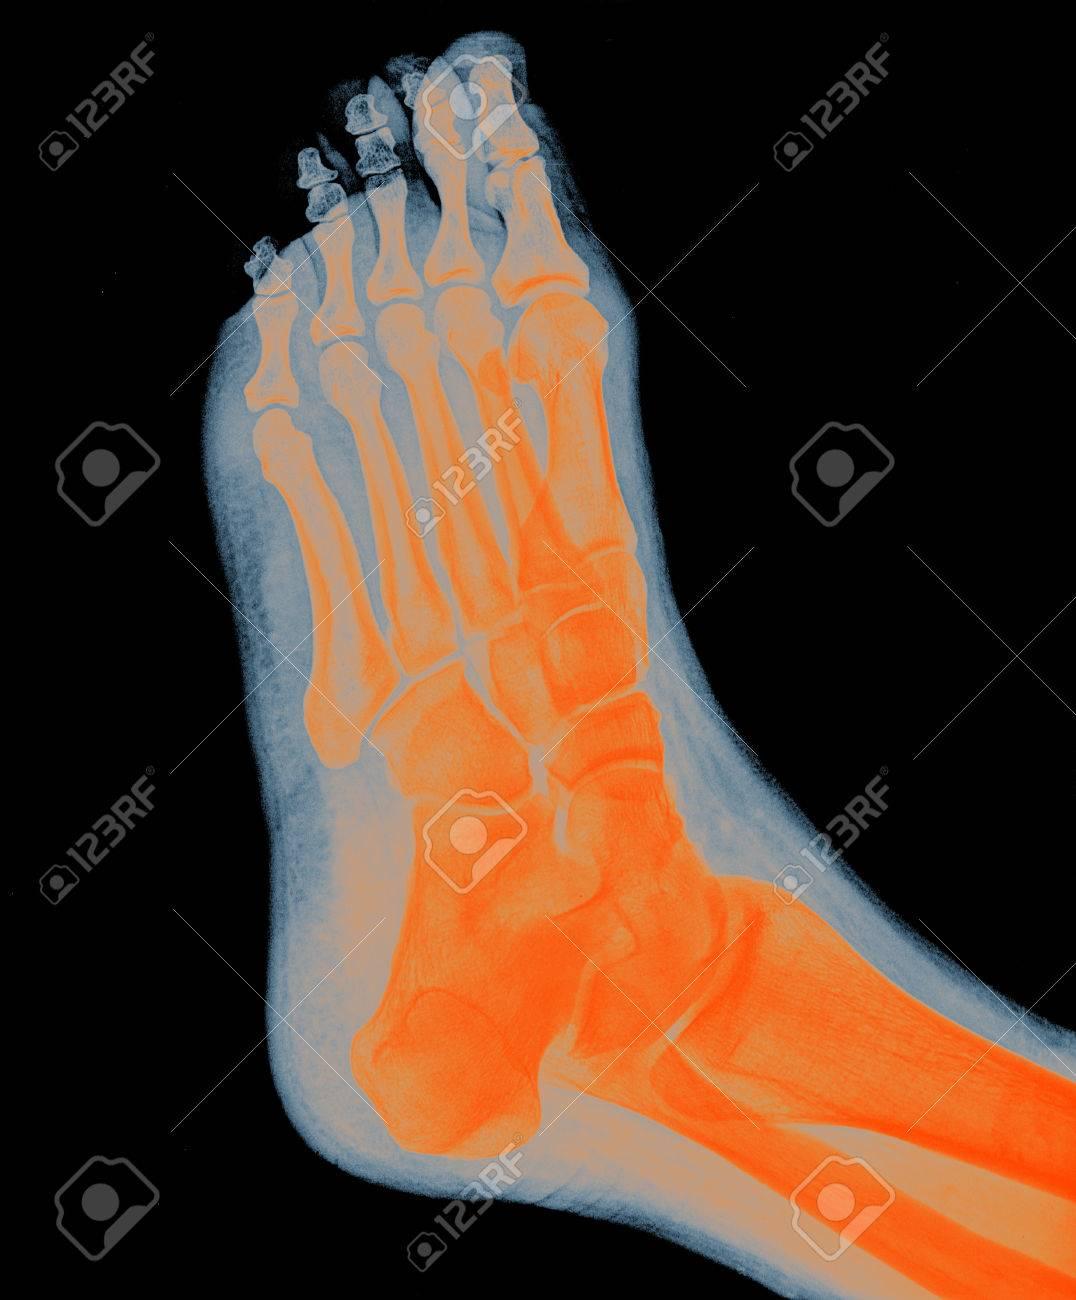 Fuß MRI - Röntgen RESONANC, Orange Farbe Lizenzfreie Fotos, Bilder ...